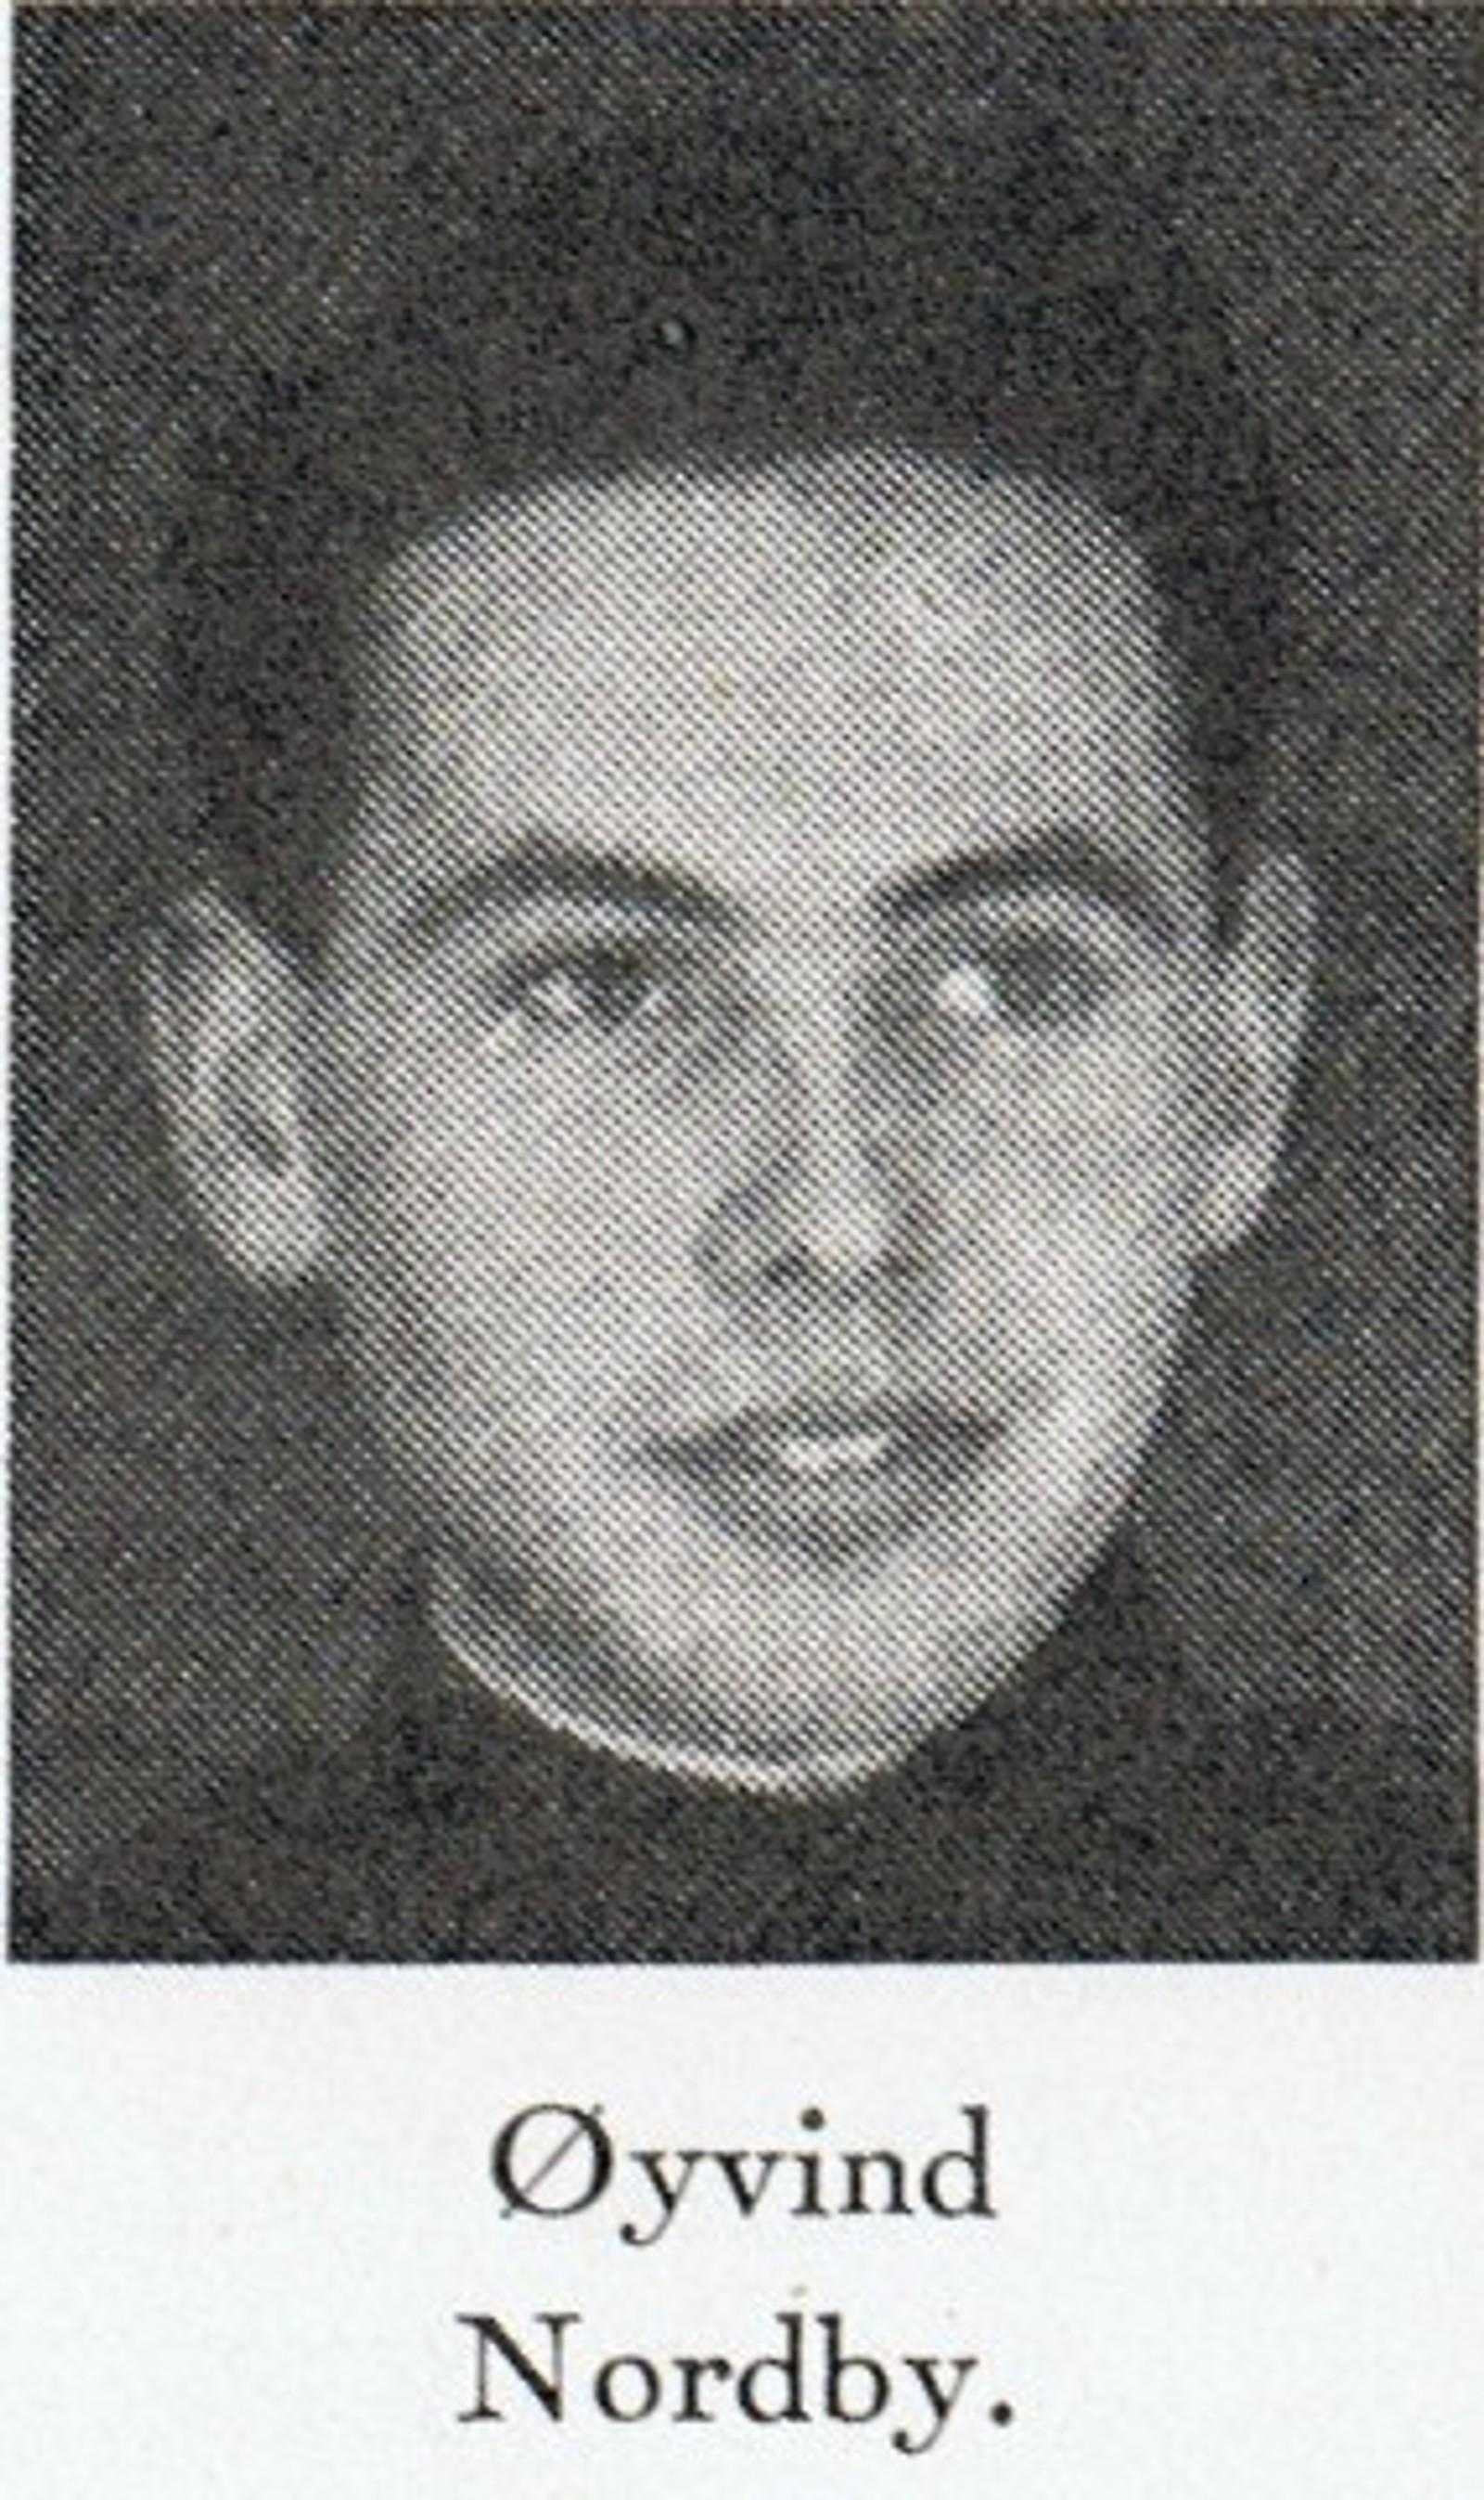 Øyvind Nordby: Fenrik, fra Aker. var med på trefningene ved Midtskogen. Omkom 11. april da han var ansvarshavende for en luftvernstilling og ble truffet av mitraljøseild fra tyske fly.